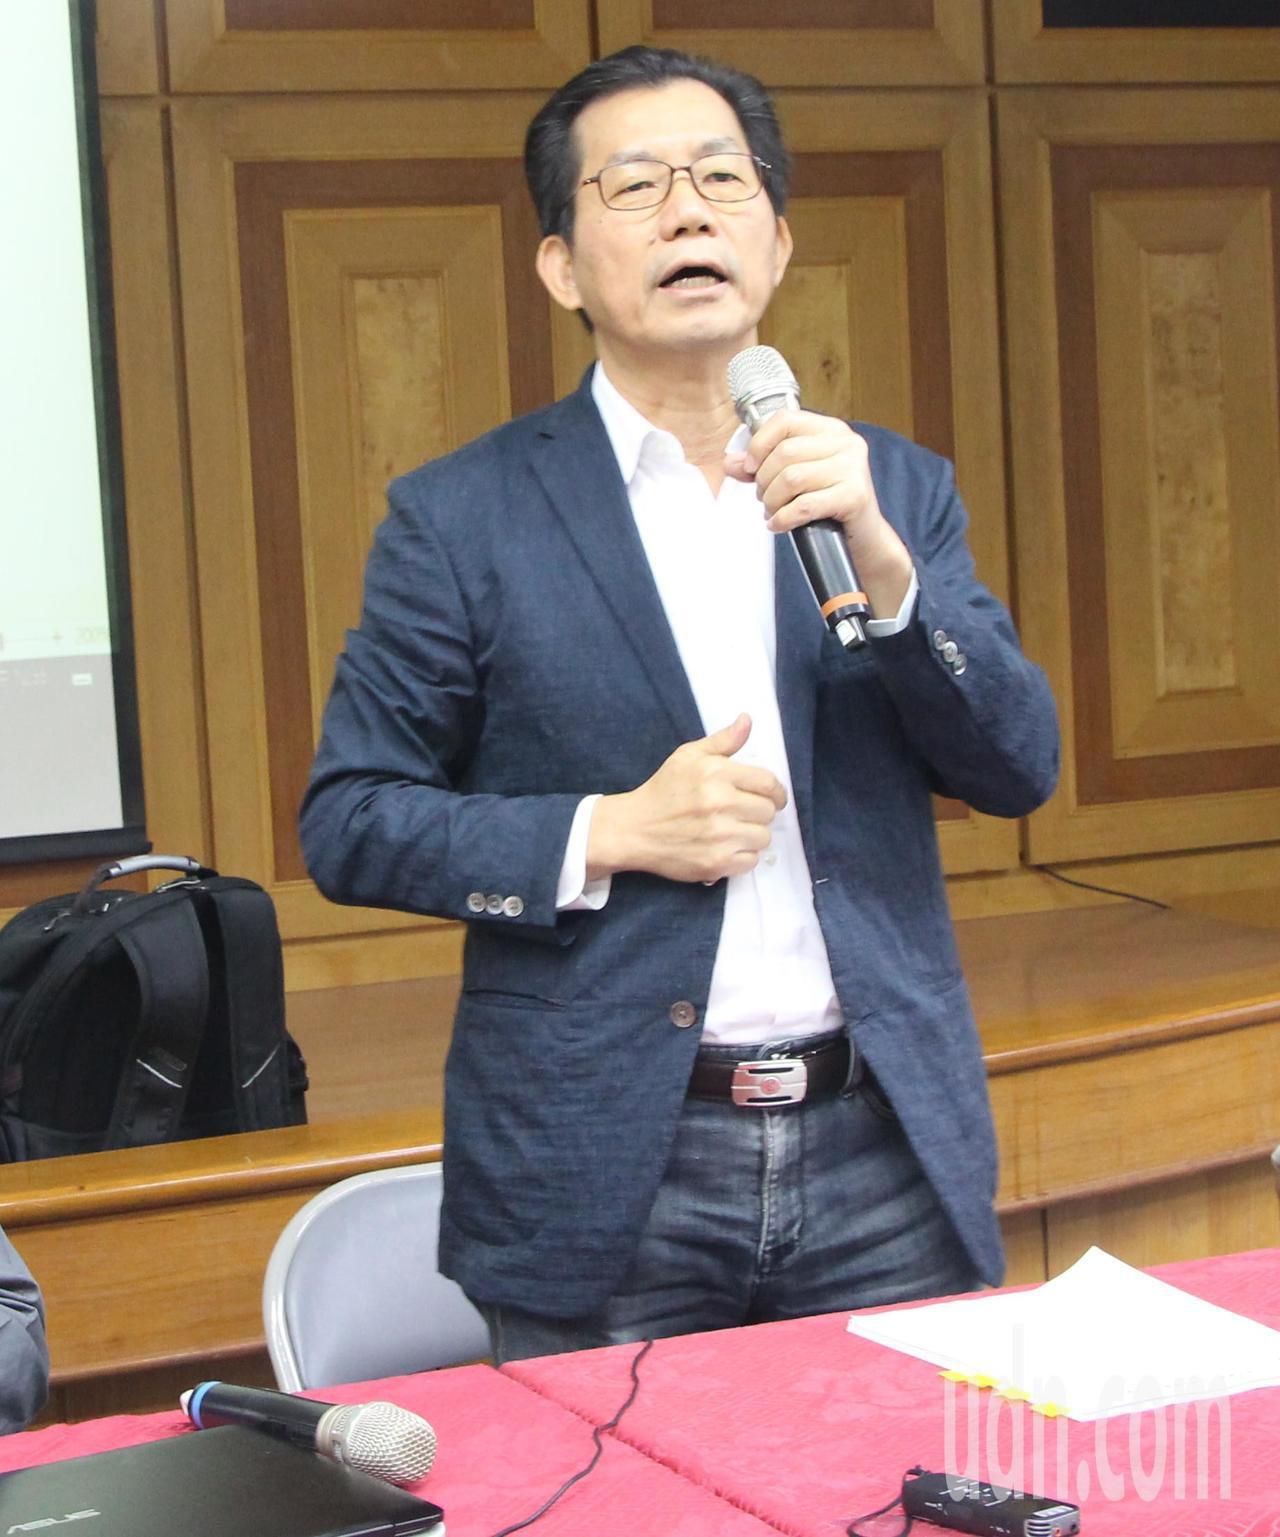 環保署長李應元今天到彰化參加中區環保座談會。記者林敬家/攝影